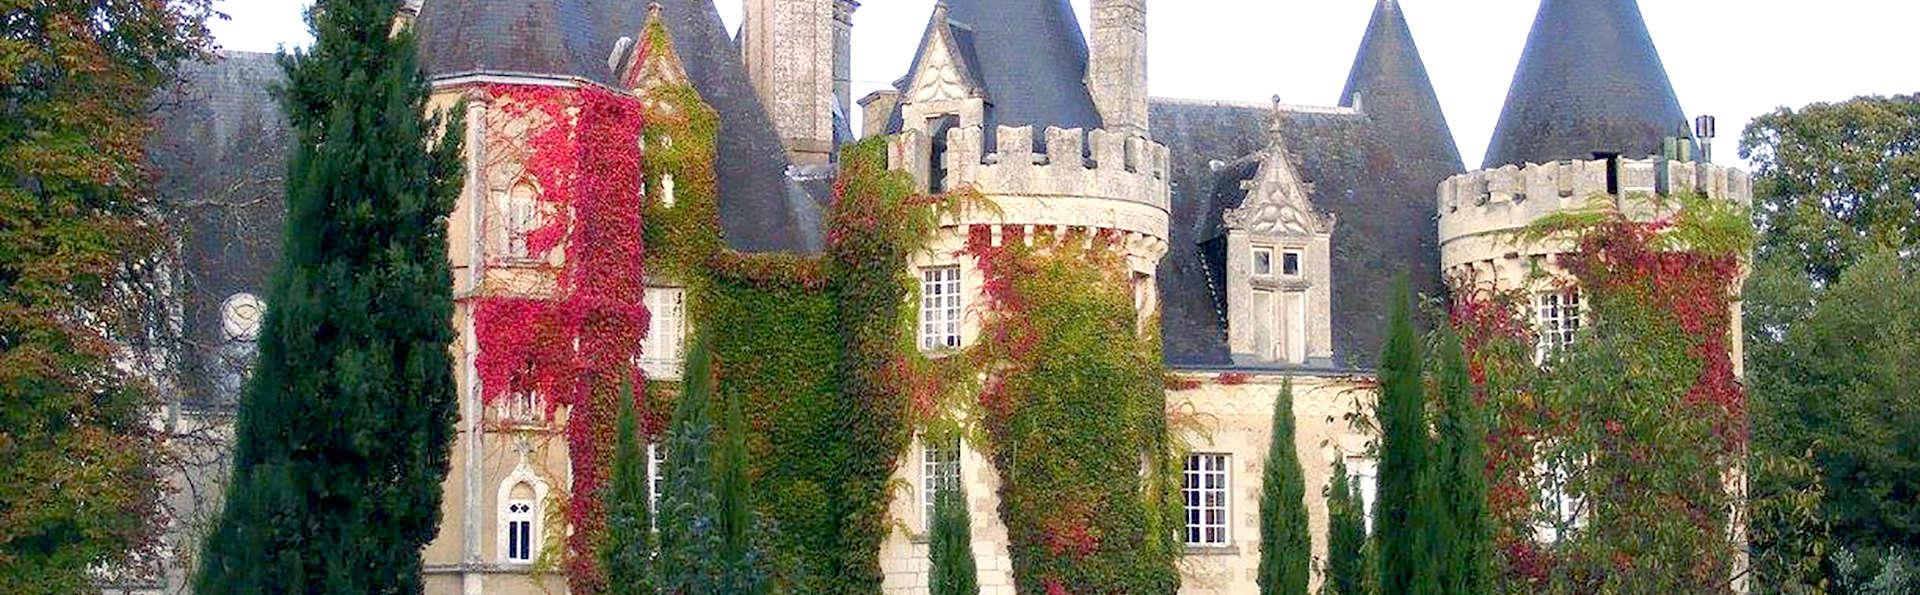 Château Golf des Sept Tours - Edit_Front.jpg